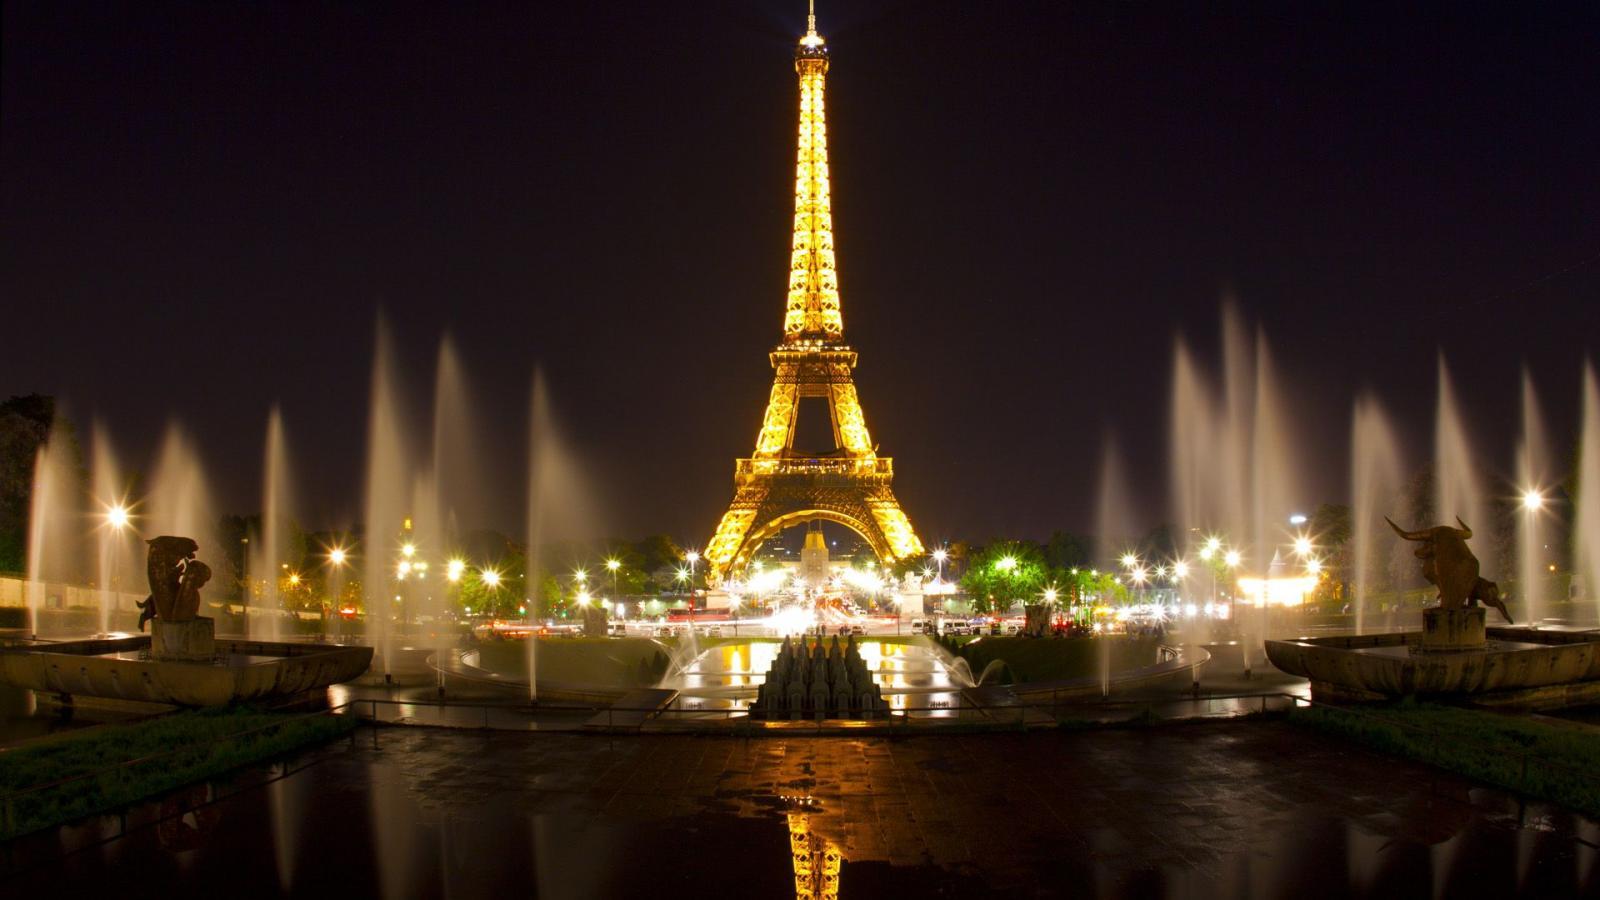 Hd Eiffel Tower Wallpaper Pixelstalk Desktop Eiffel Tower Hd Wallpapers Pixelstalk Eiffel Tower Paris France Hd Desktop Wallpaper High Definition 1600x900